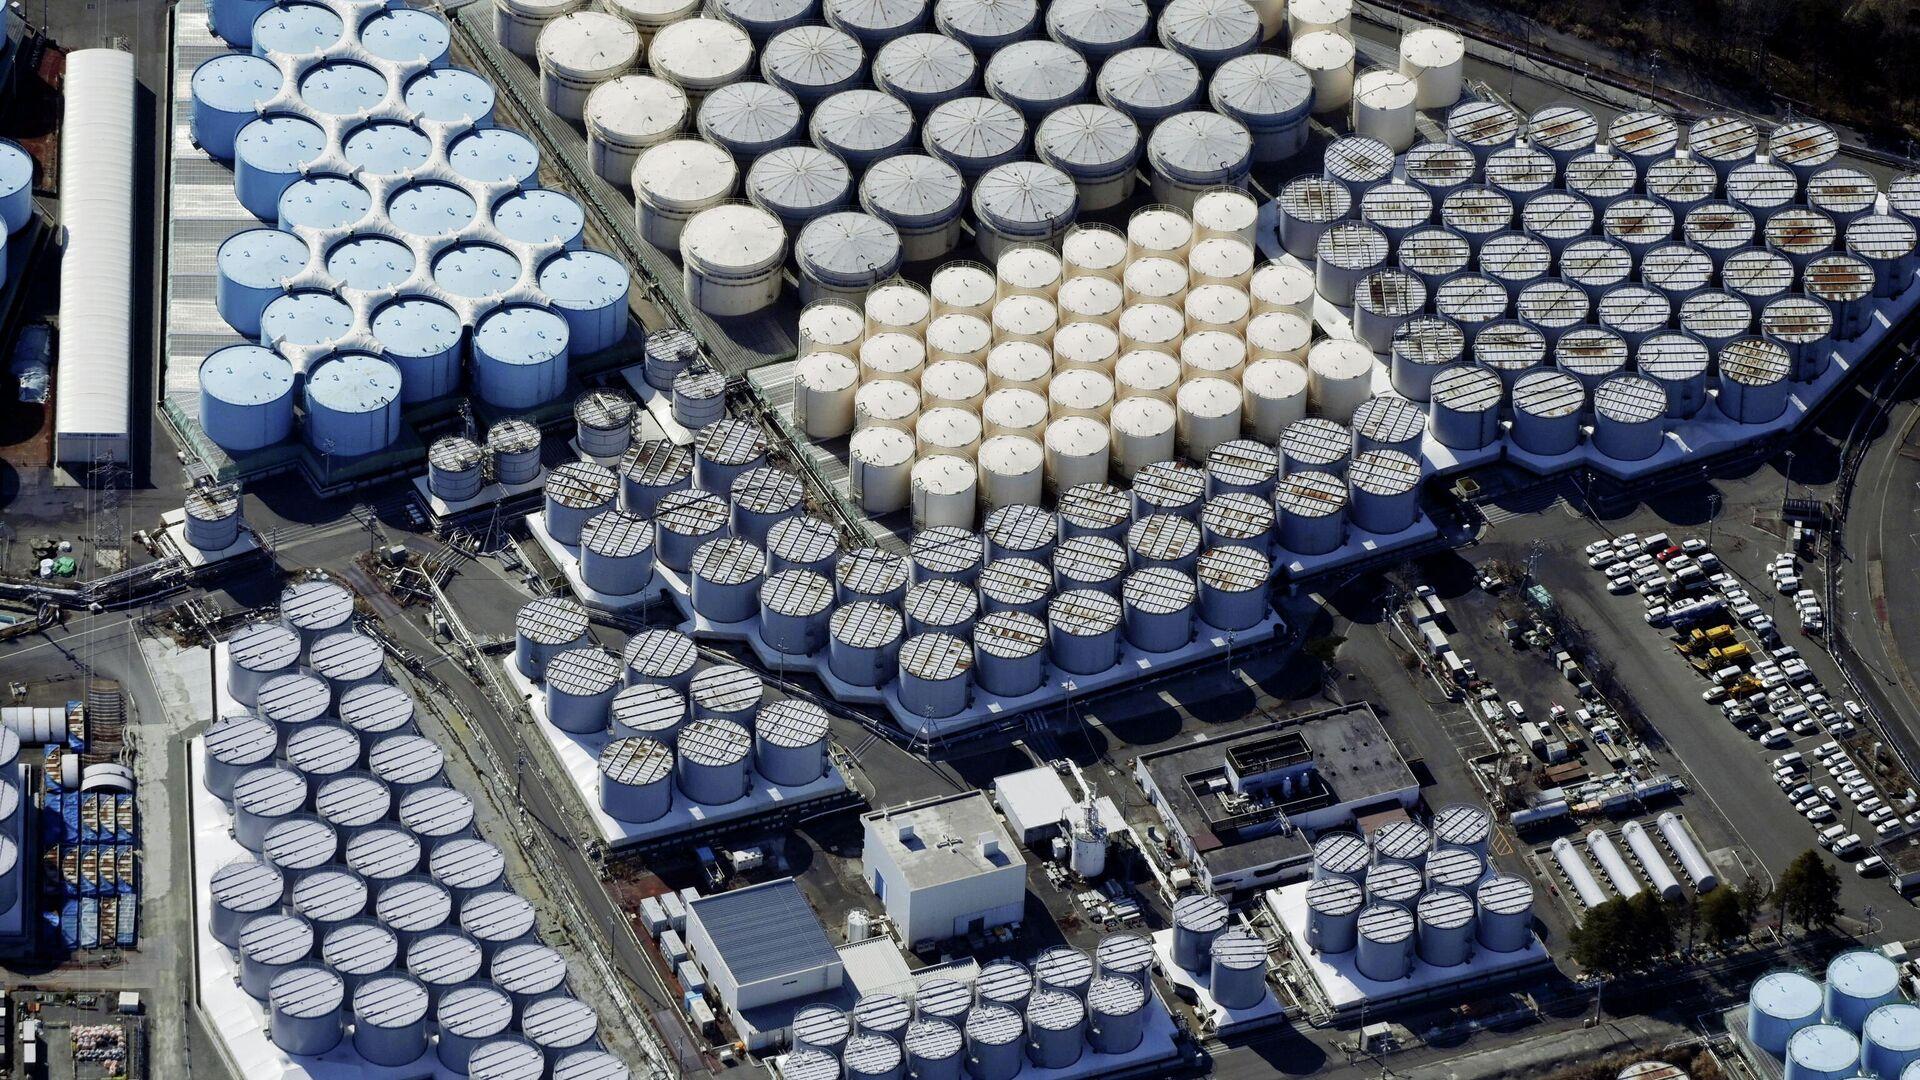 Японские читатели возмутились реакцией России на сброс воды с АЭС